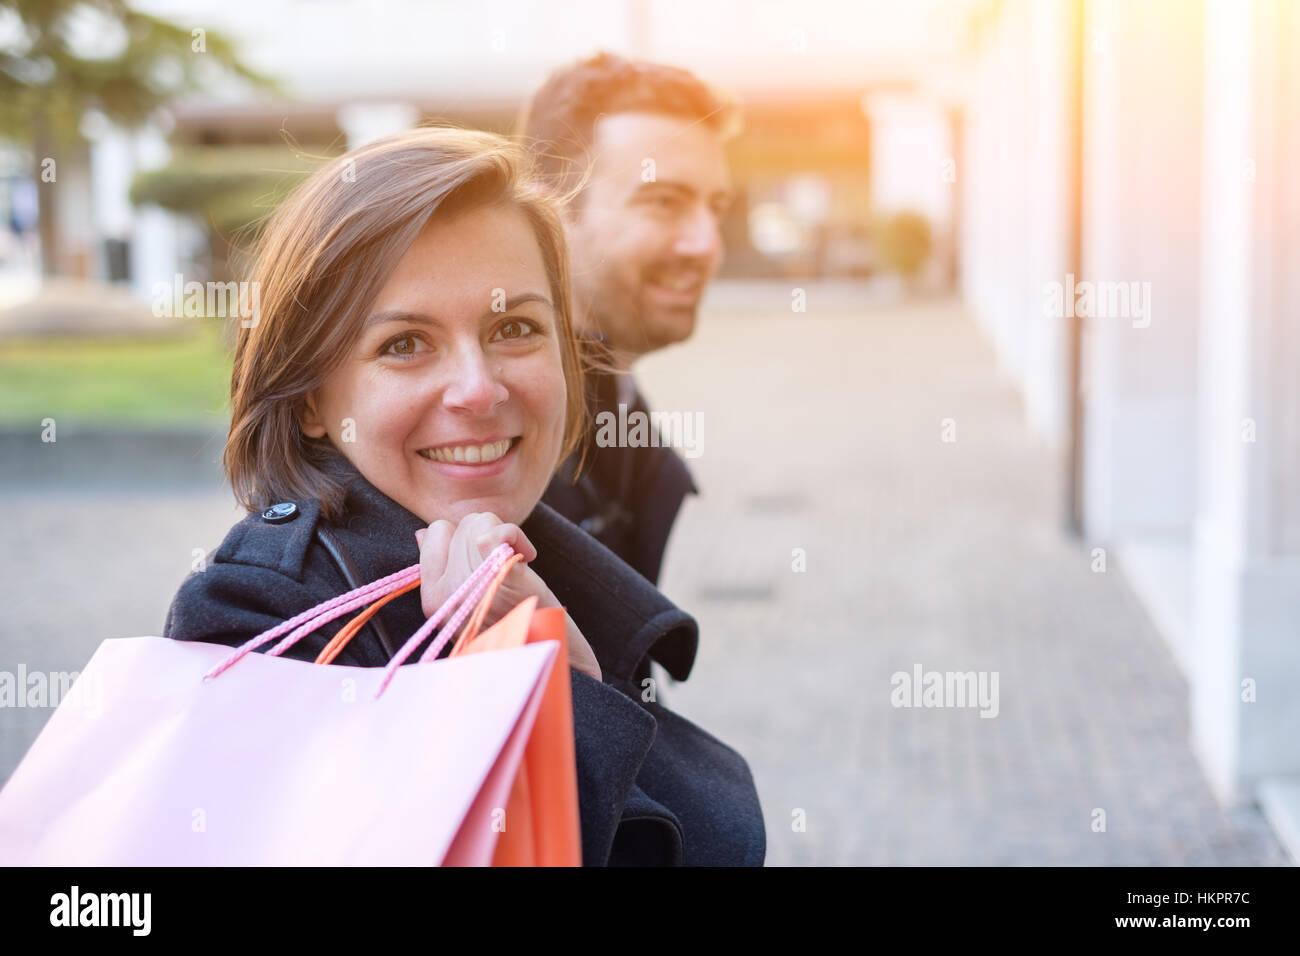 Pareja en tiempo para las compras caminando en las calles de la ciudad Imagen De Stock